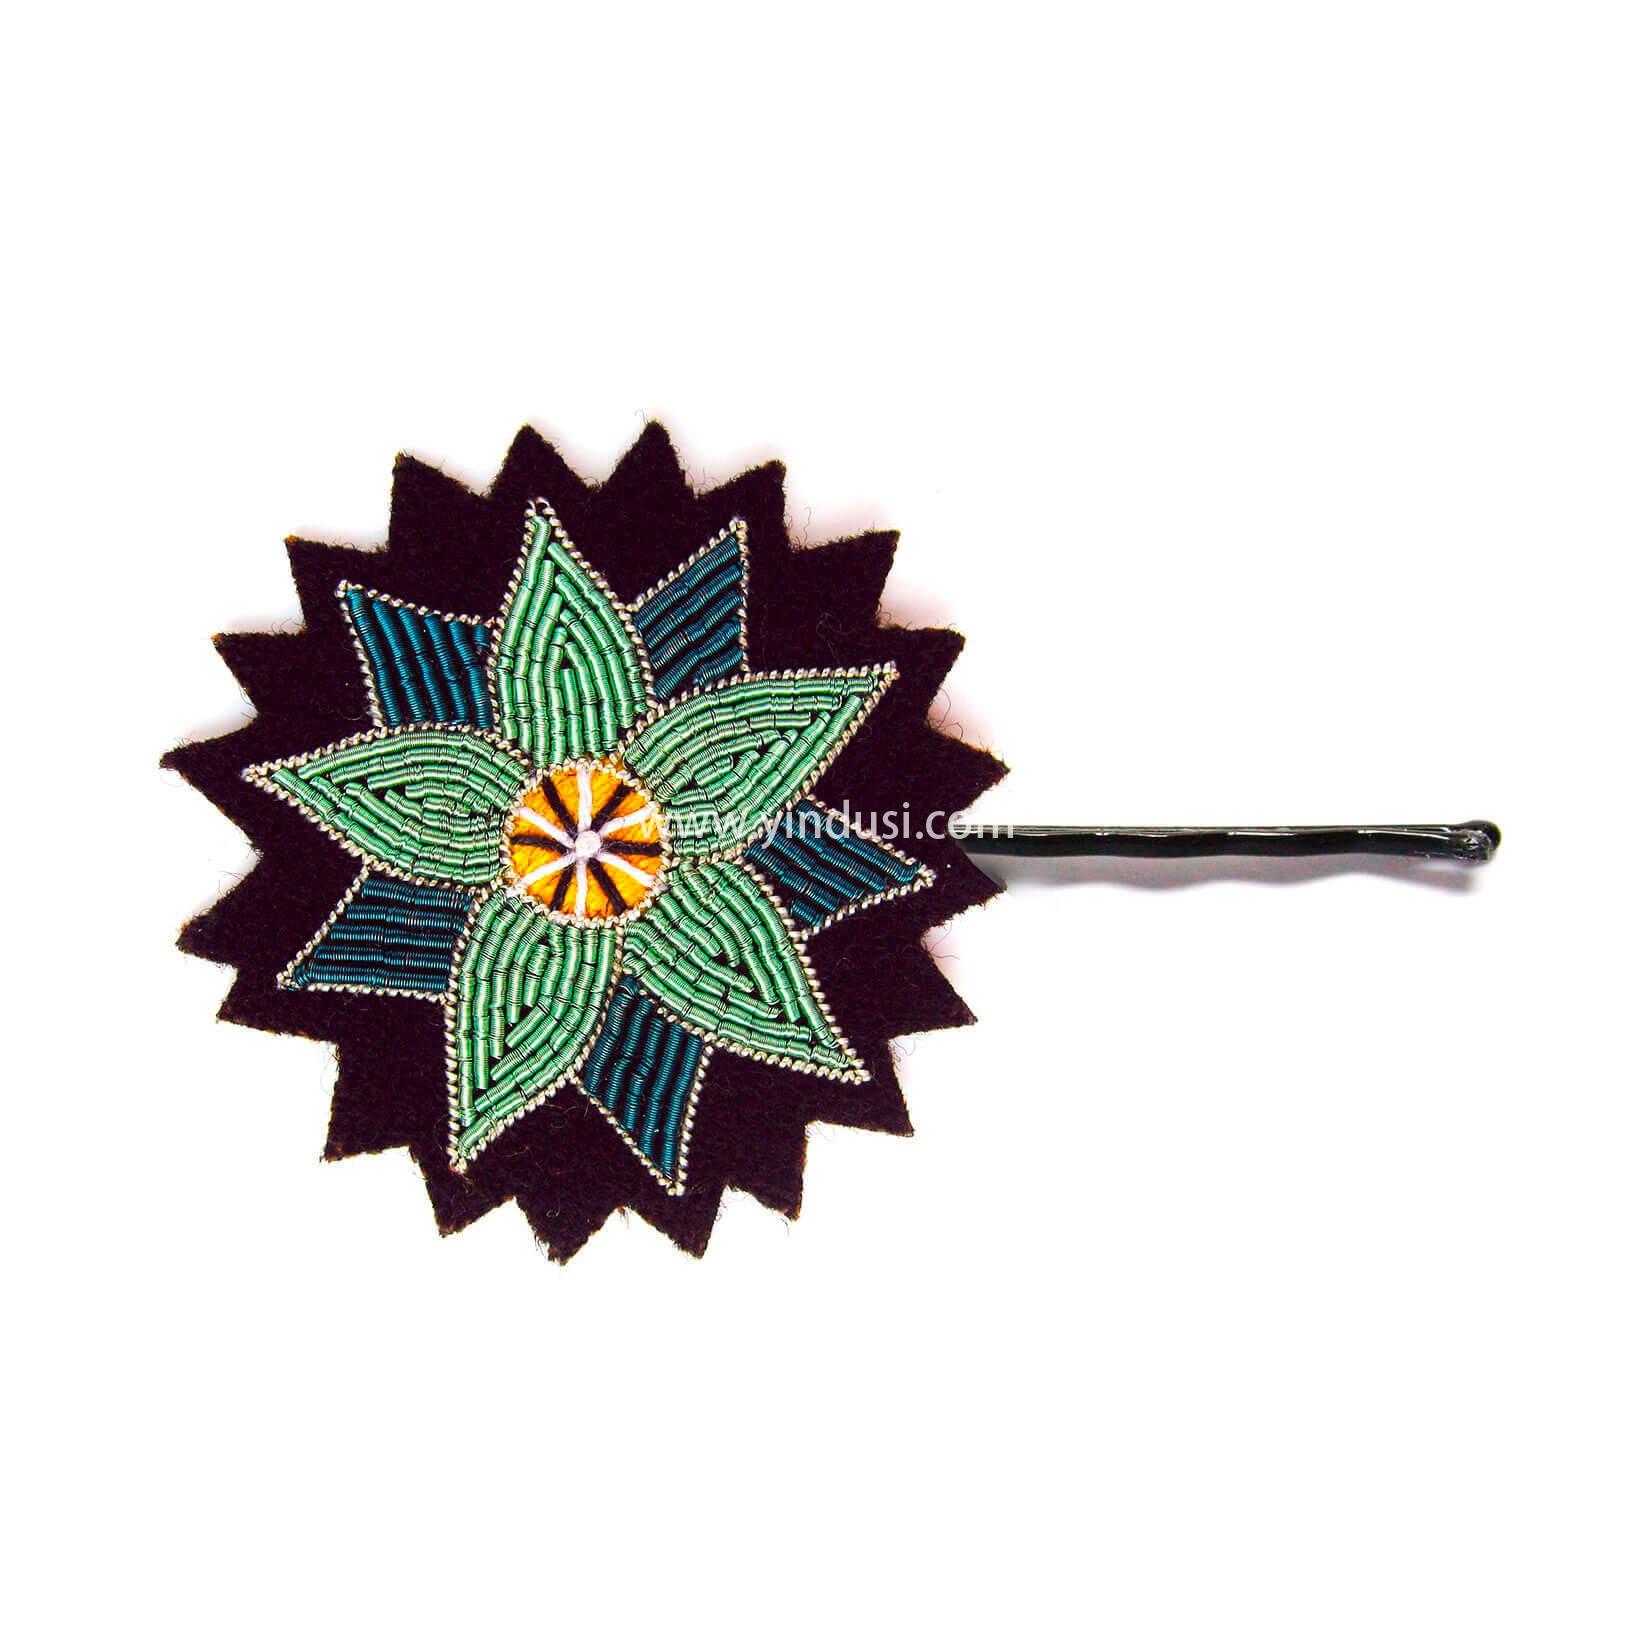 印度丝徽章工厂定制手工刺绣金属丝仙人掌花头饰发夹,仙人掌在您的头发中…